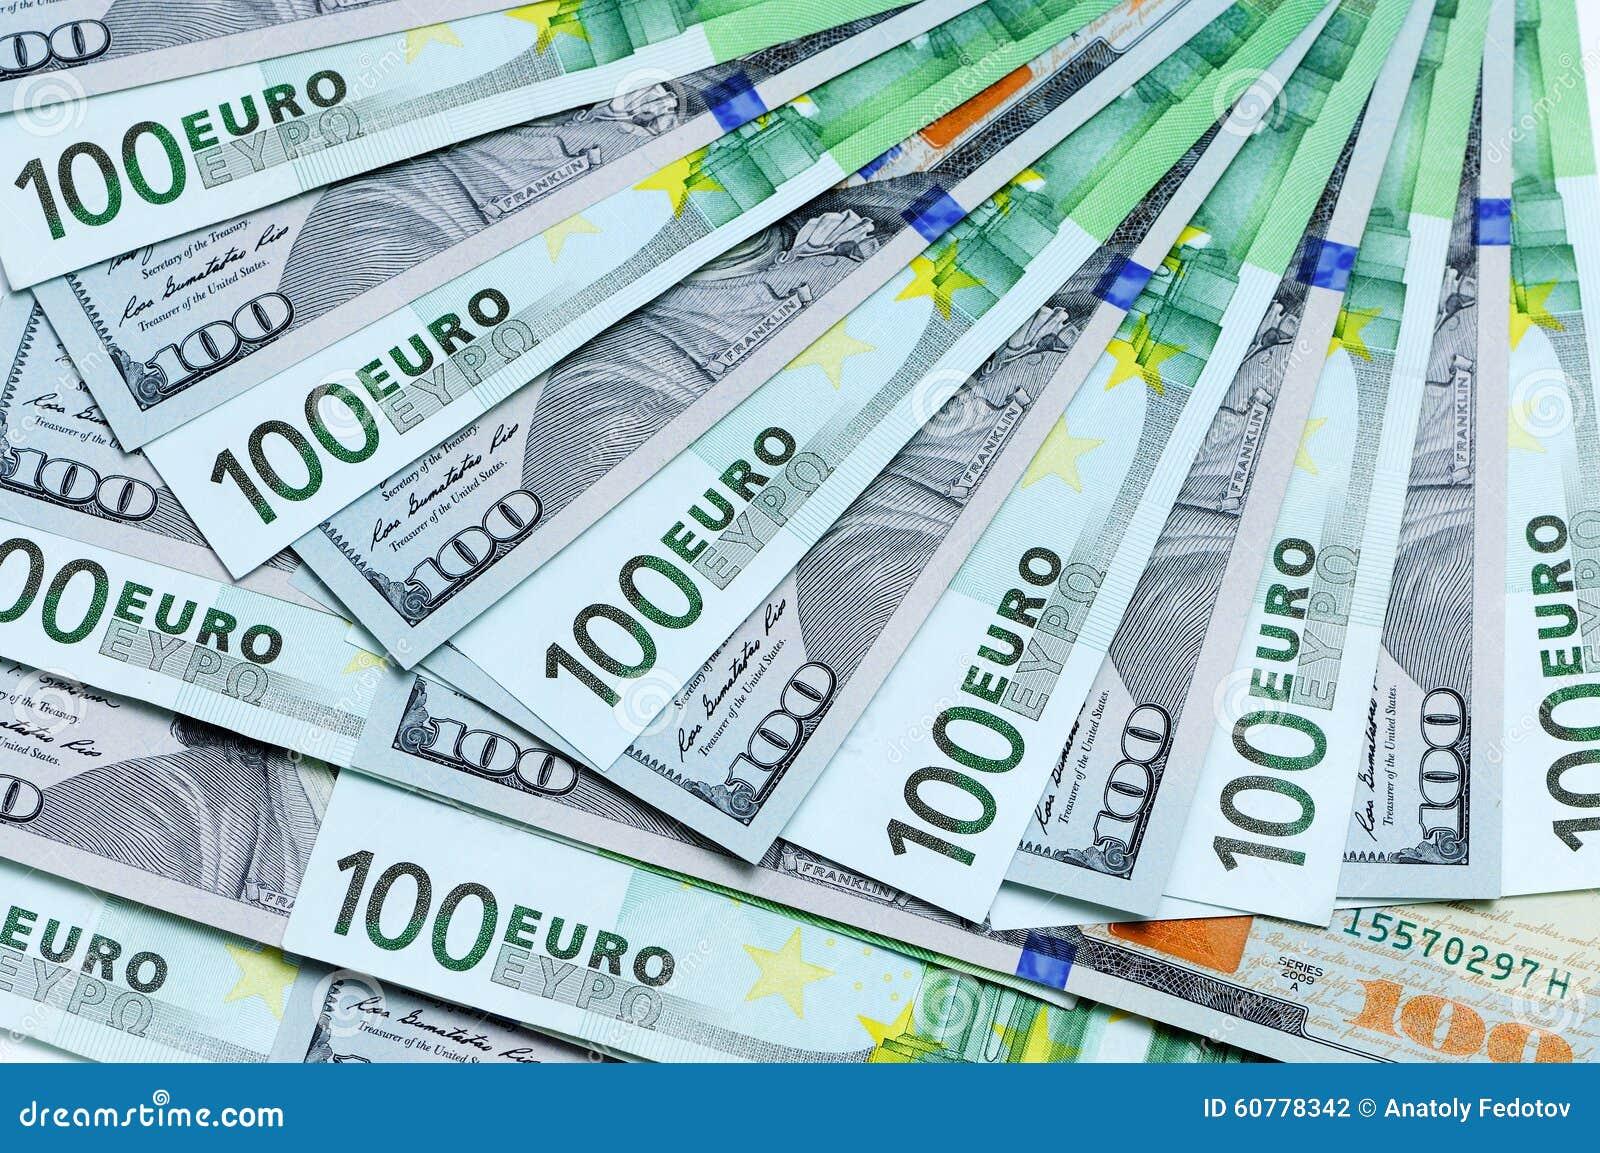 Wieviel sind 100 Euro in US Dollar?